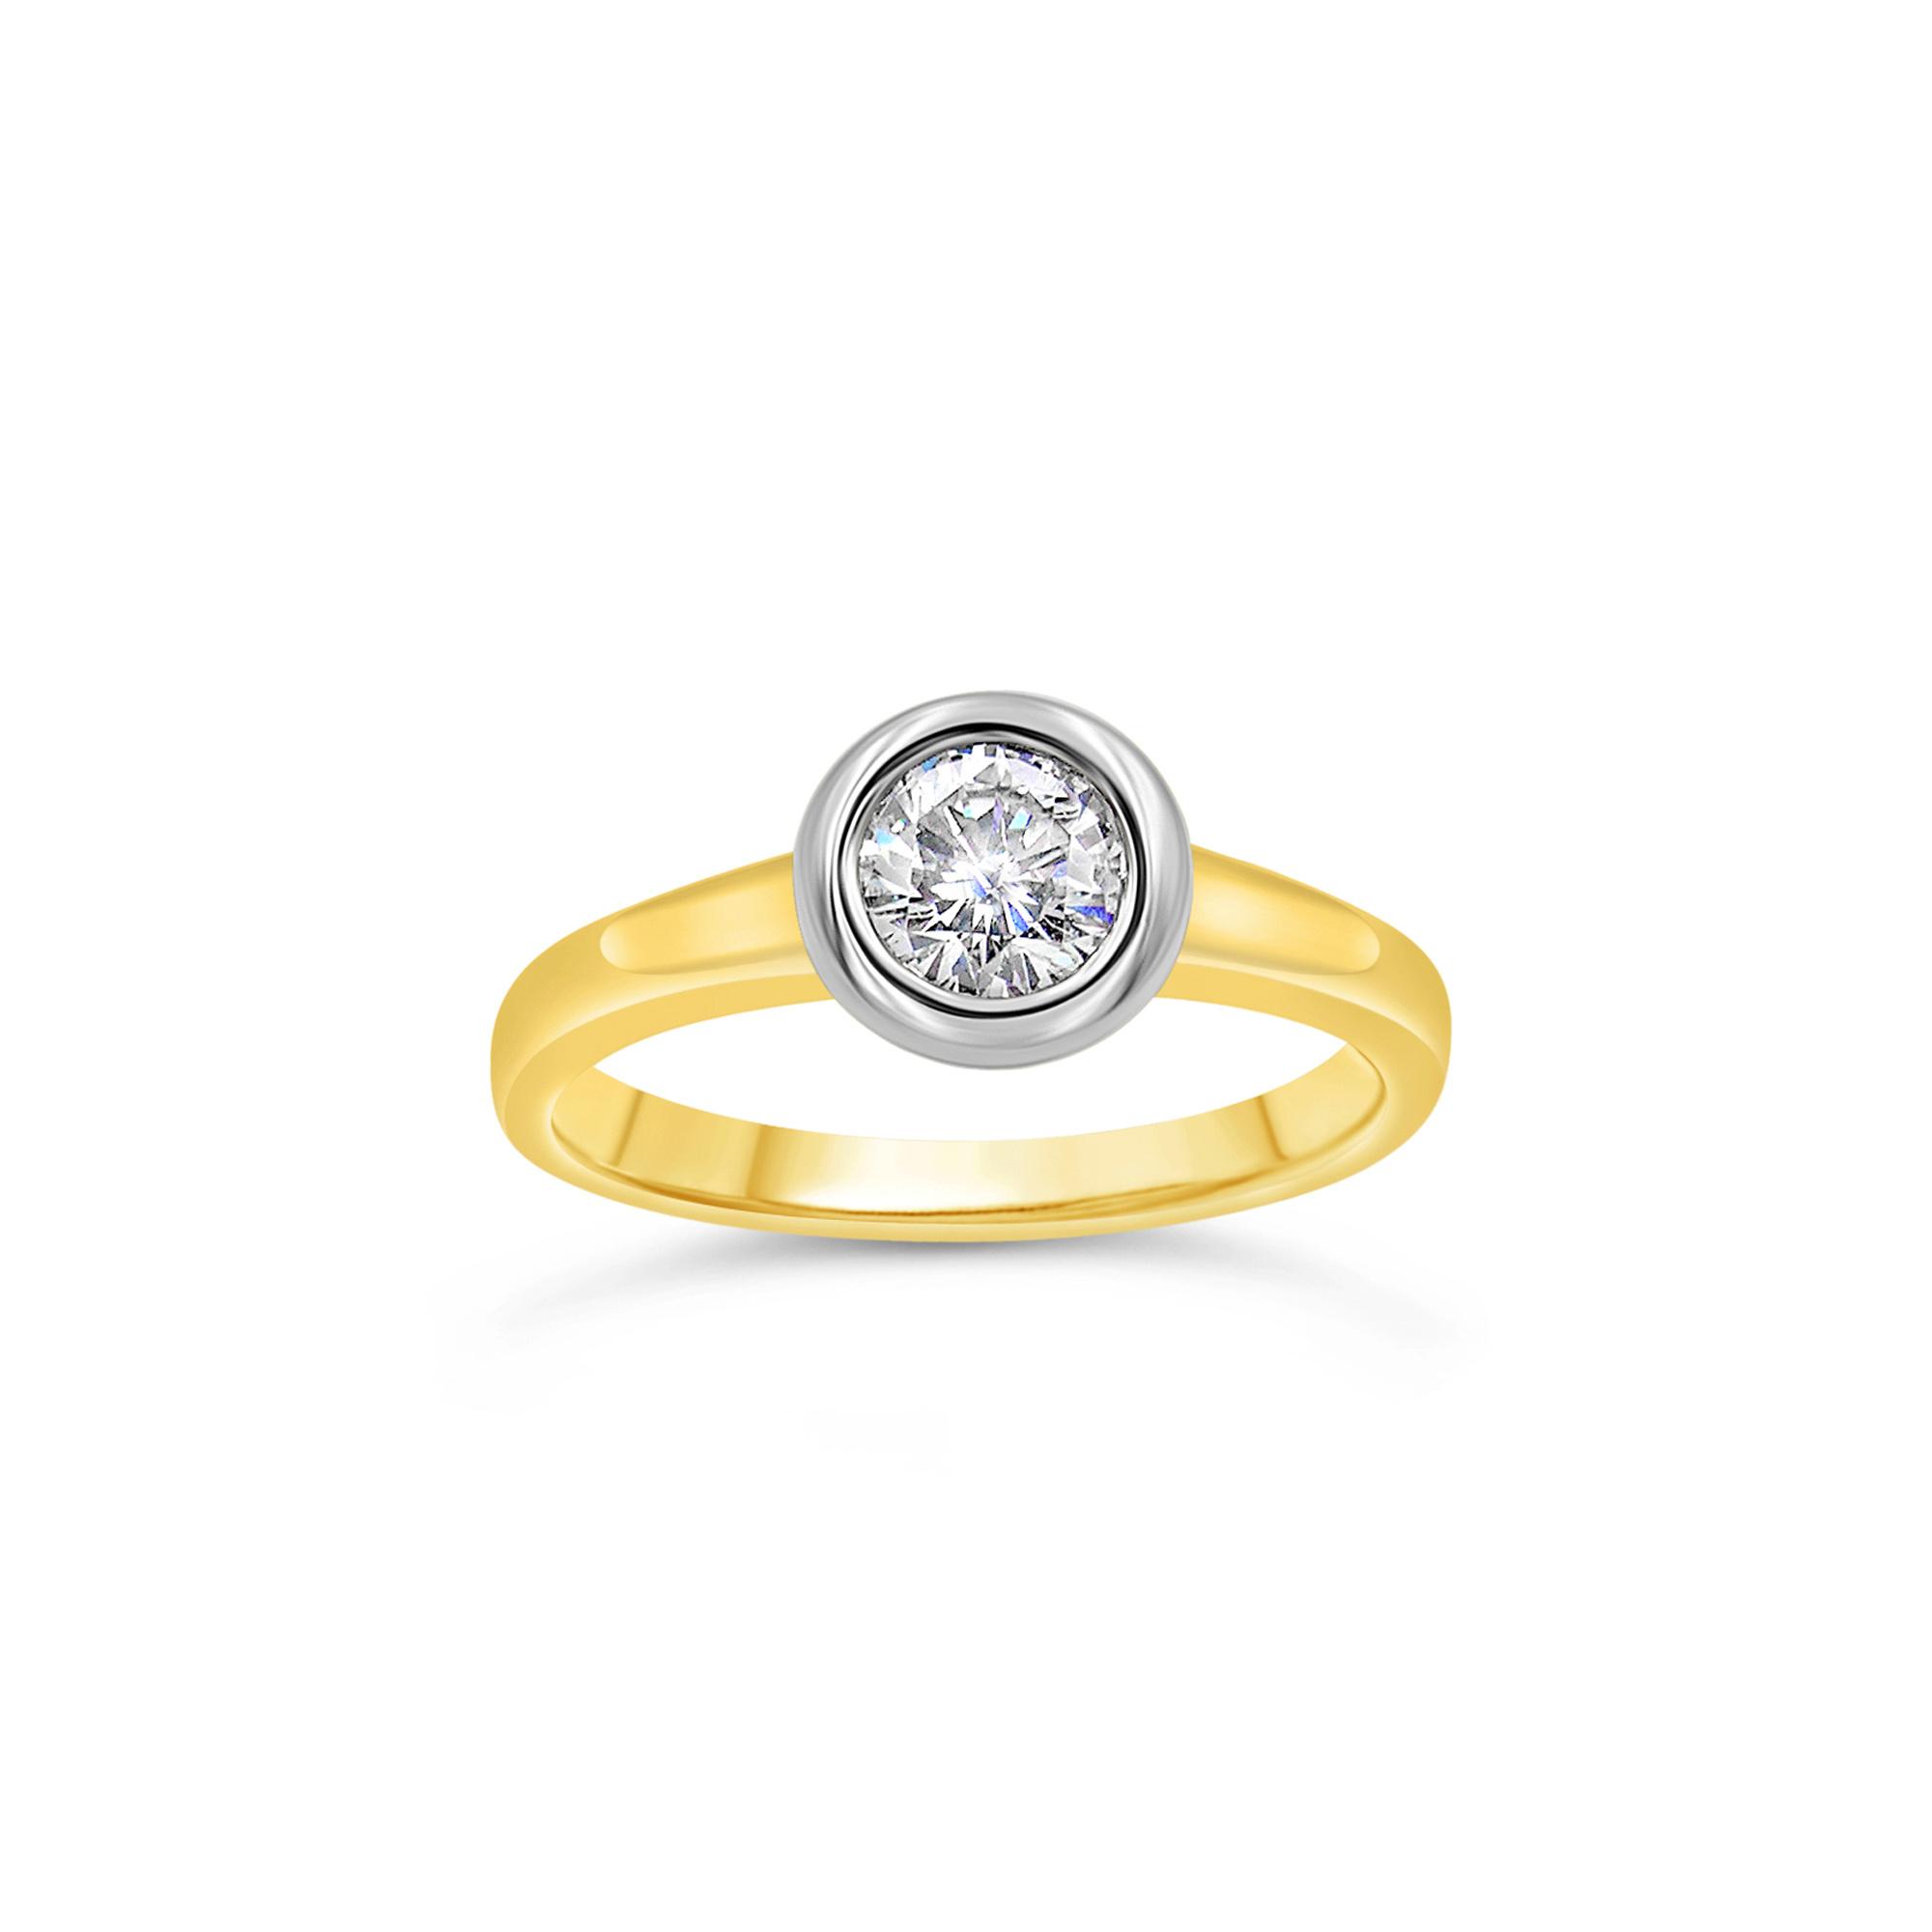 18kt geel goud verlovingsring met 0.52 ct diamant